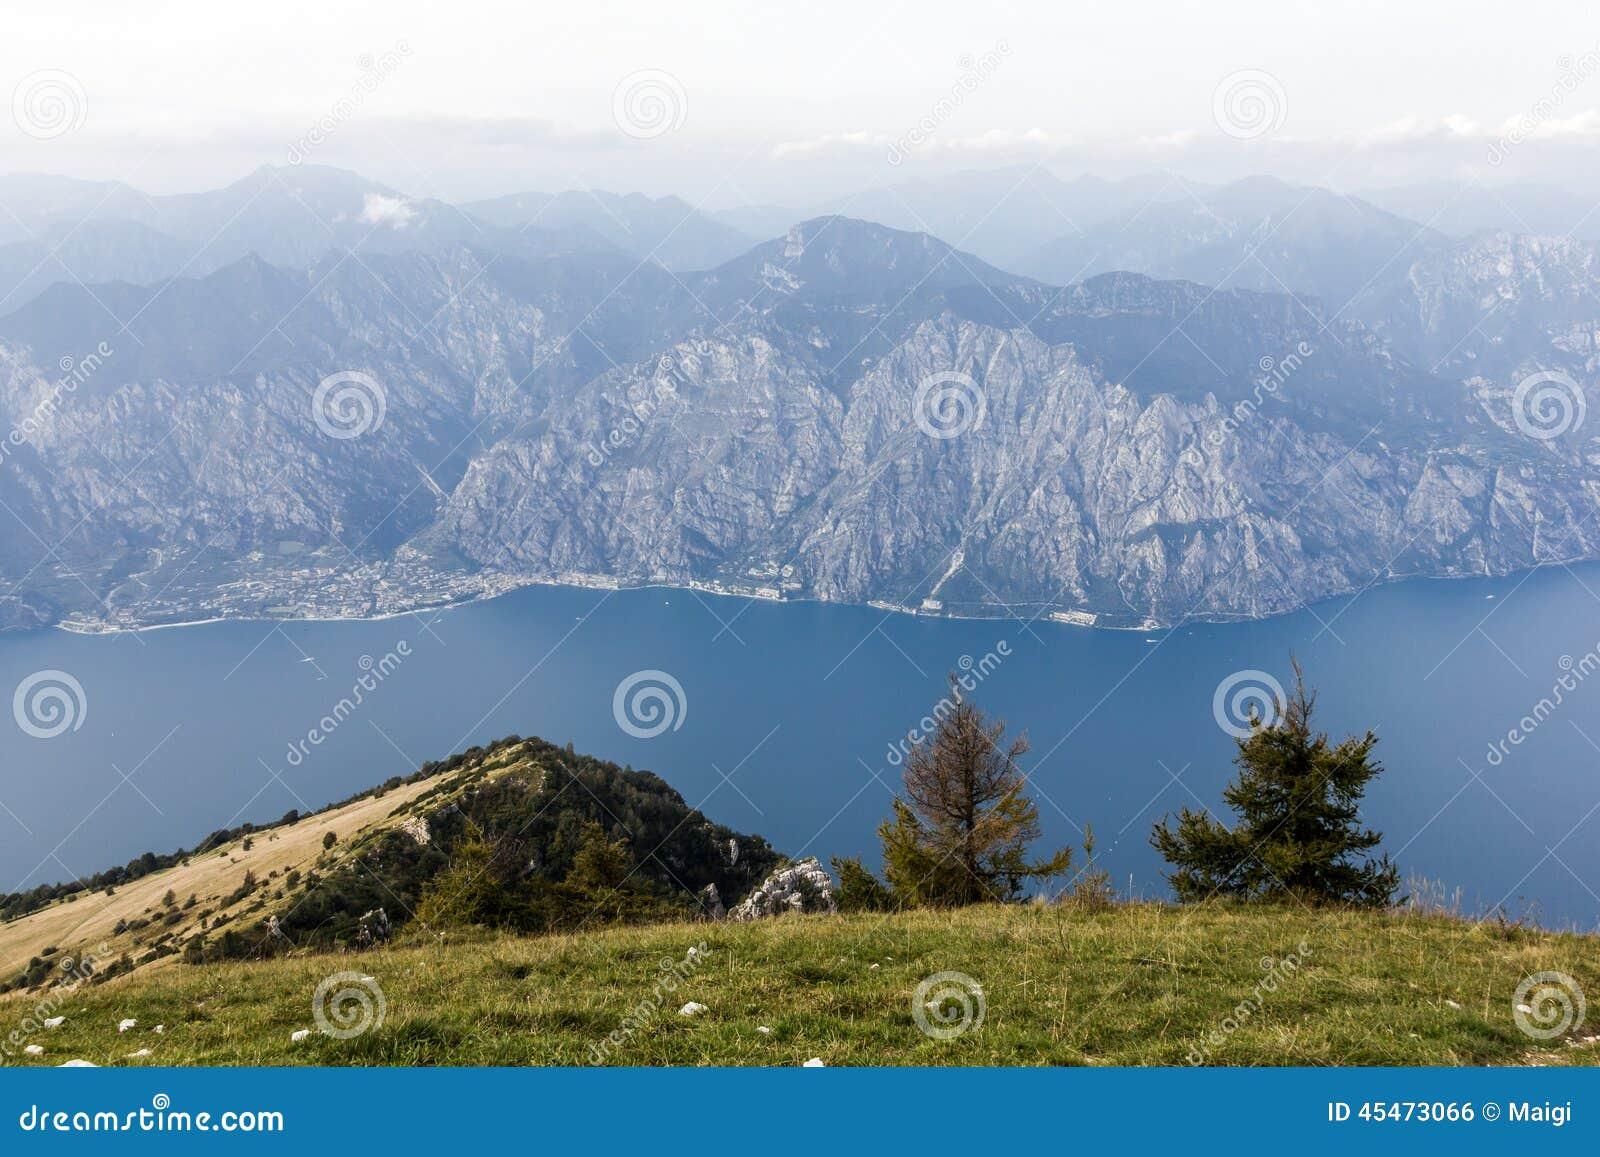 Download On Monte Baldo stock photo. Image of mountains, baldo - 45473066